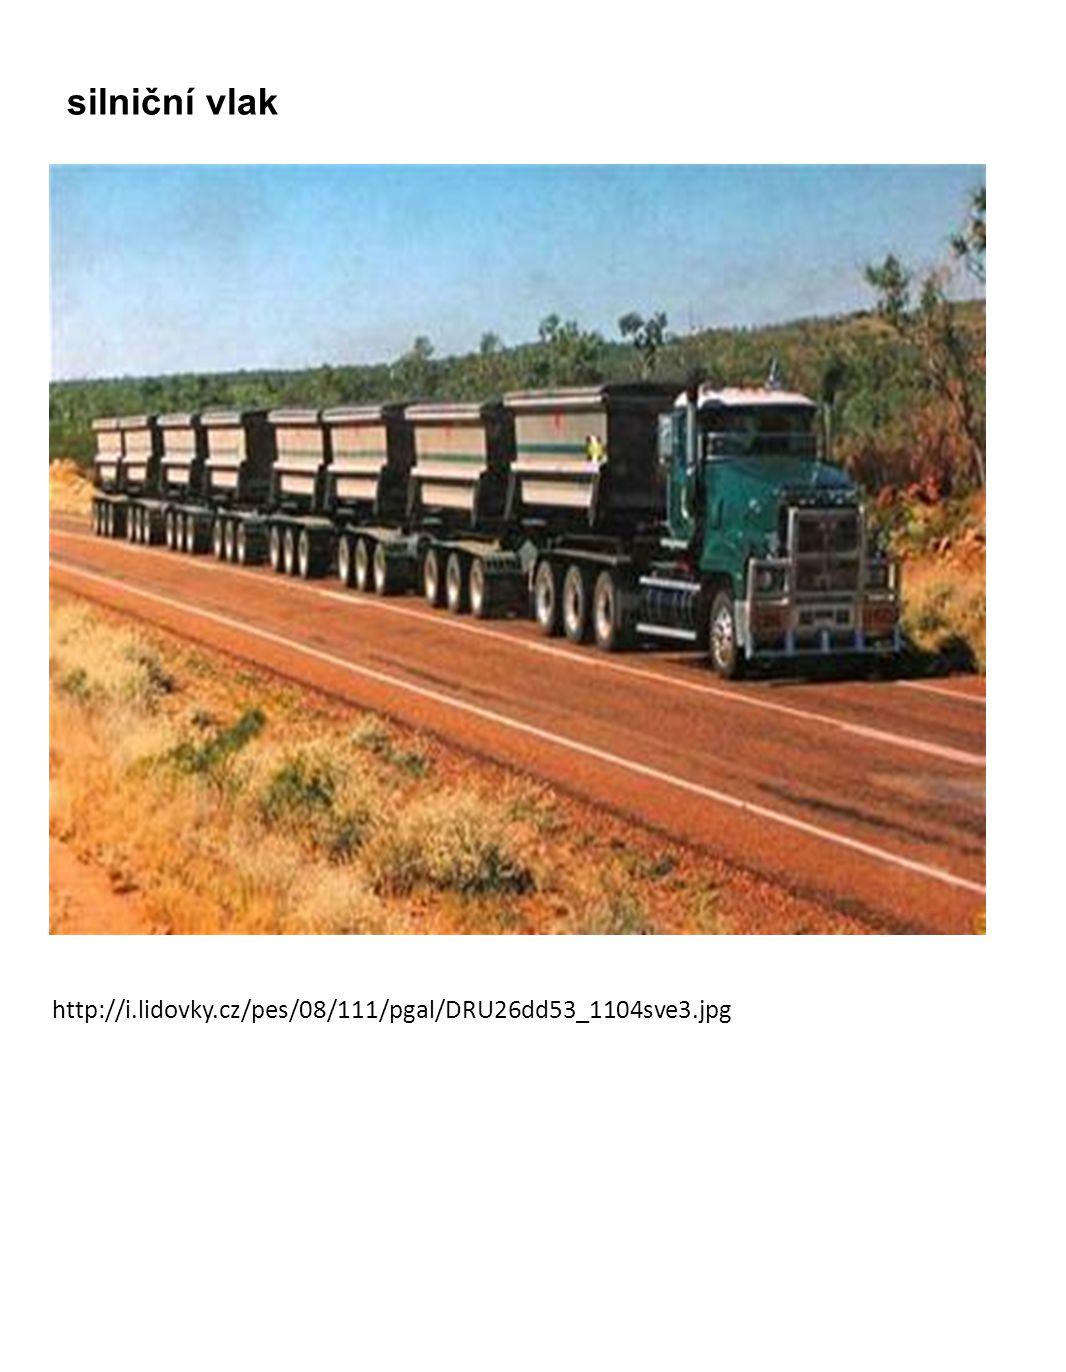 http://i.lidovky.cz/pes/08/111/pgal/DRU26dd53_1104sve3.jpg silniční vlak